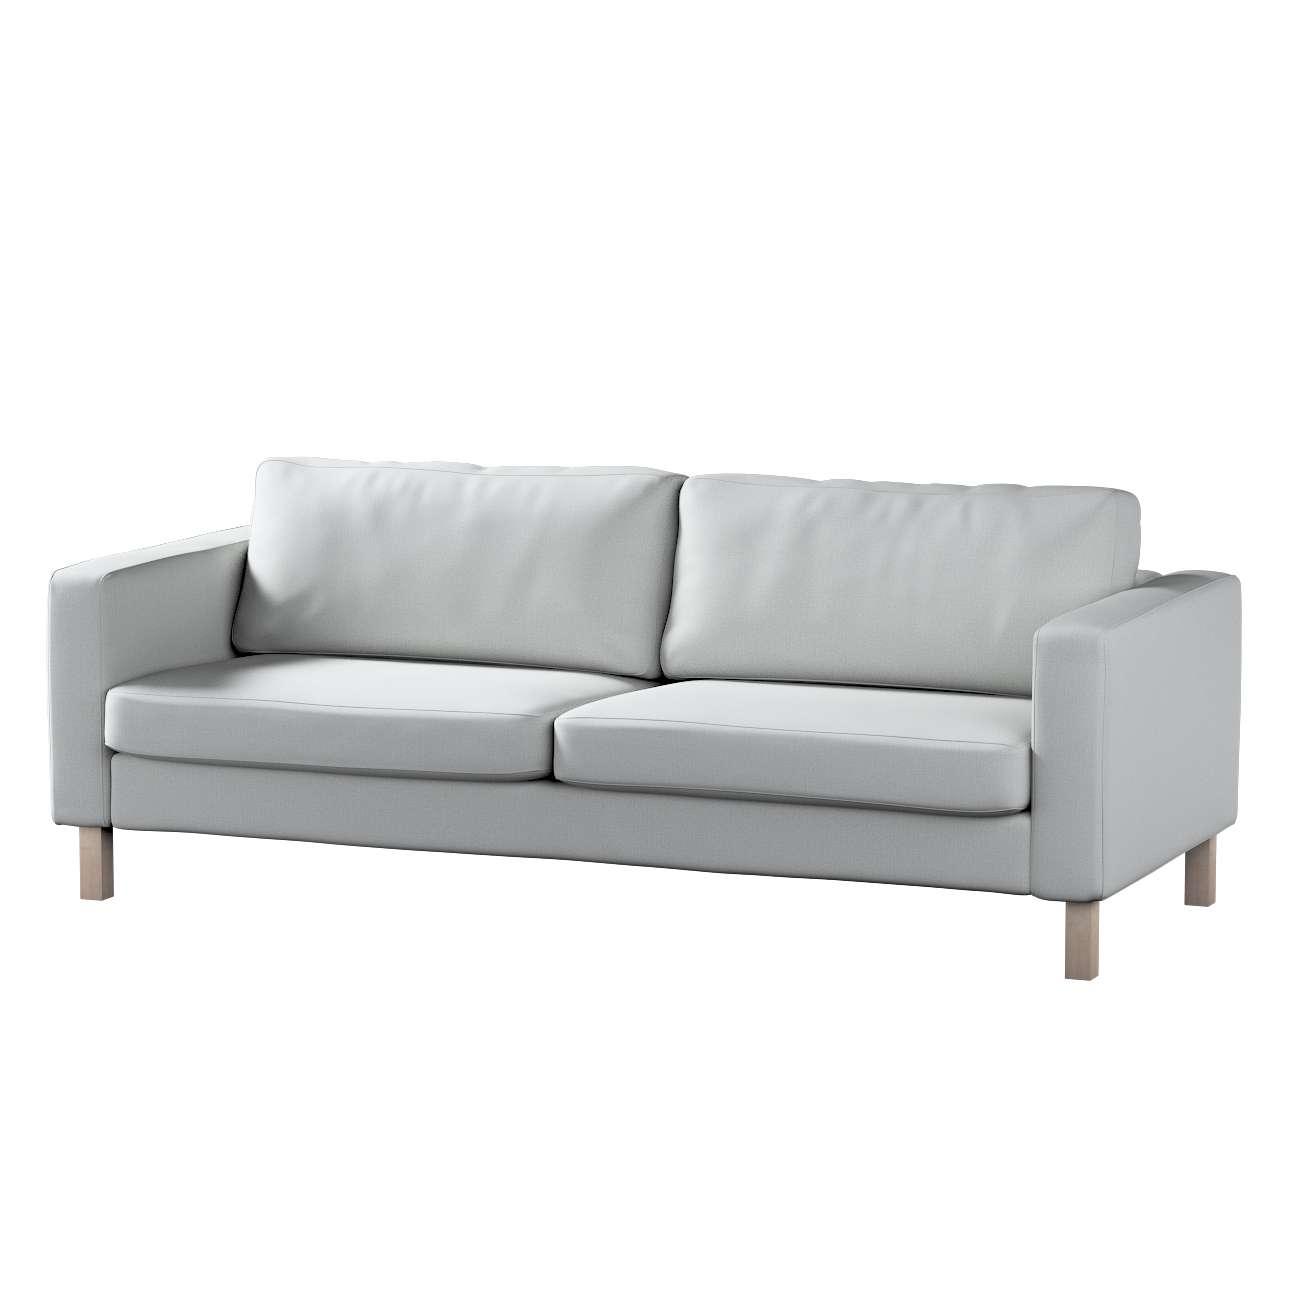 Pokrowiec na sofę Karlstad rozkładaną w kolekcji Living II, tkanina: 161-18